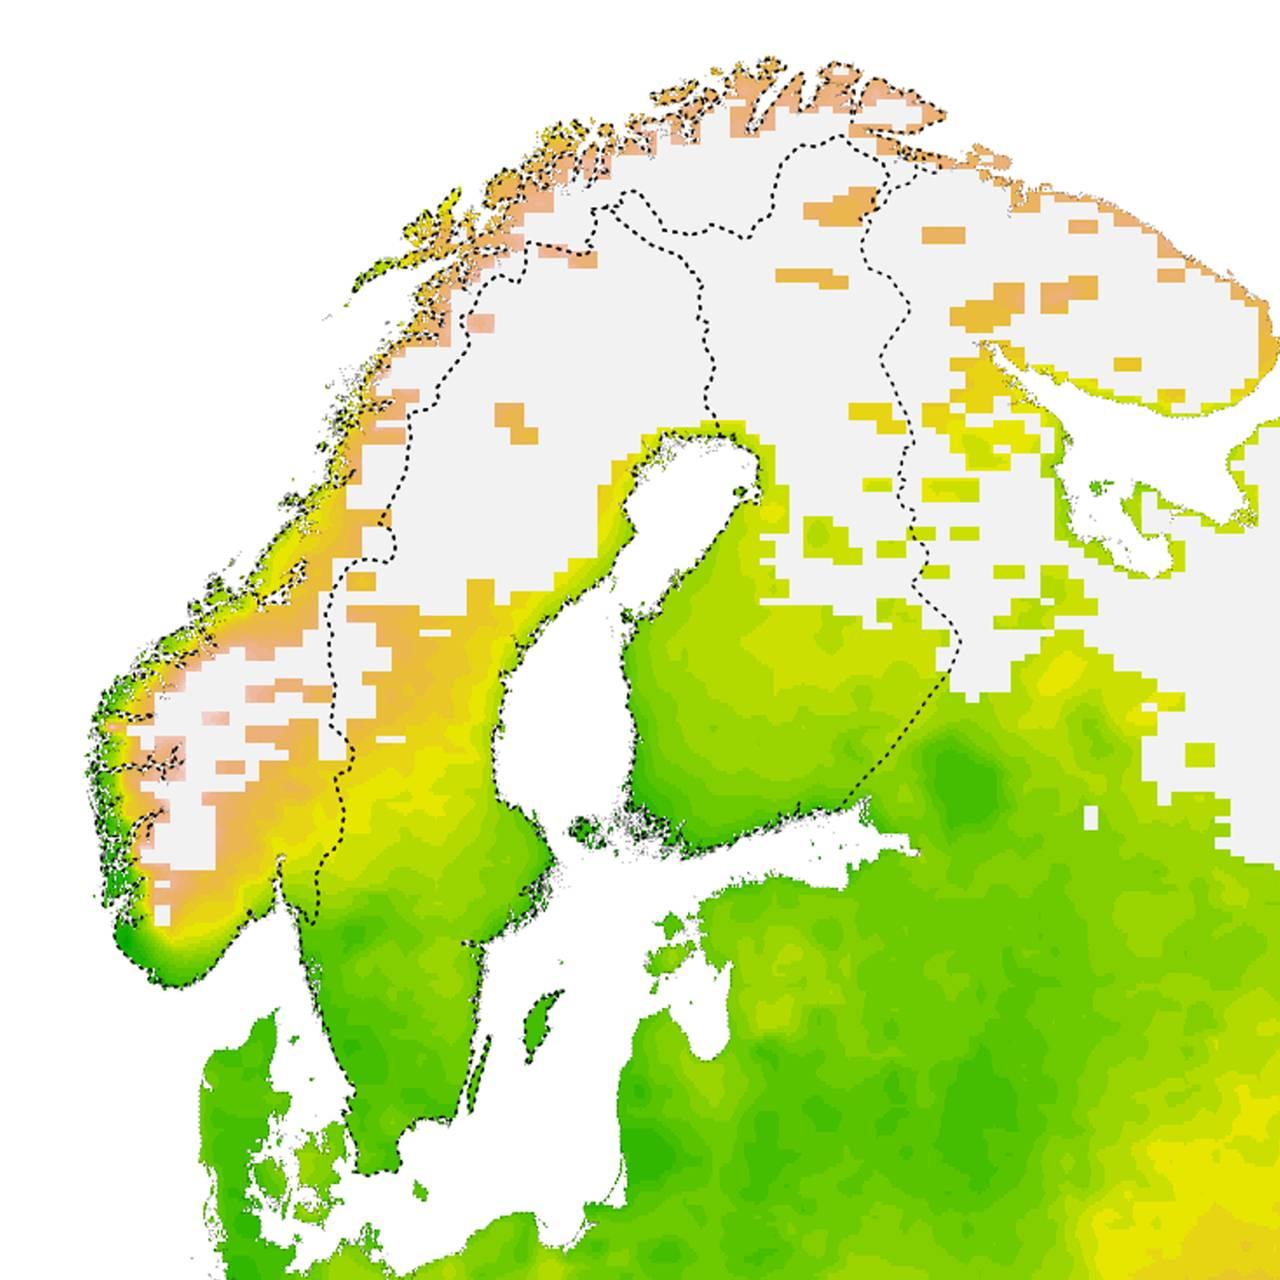 Klimamessige optimale forhold for flått årene 1995-2015 i Norge. Kartet er utarbeidet av Solveig Jore, Folkehelseinstituttet og Christian Wilhelm Mohr ved Norsk Institutt for Bioøkonomi.